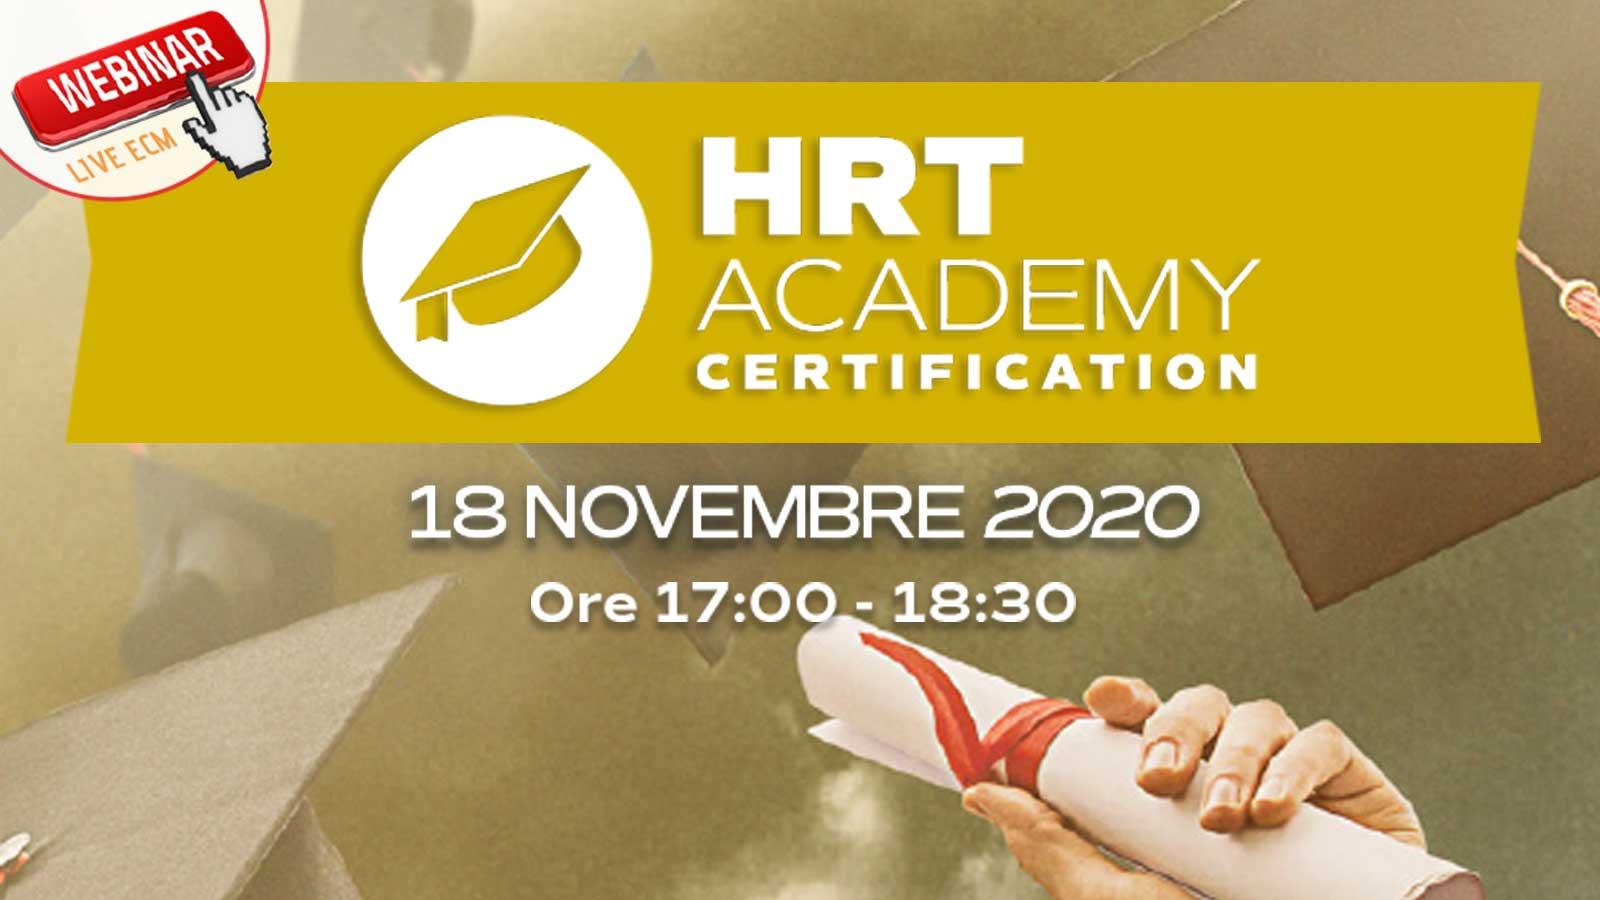 HRT academy: update 2020